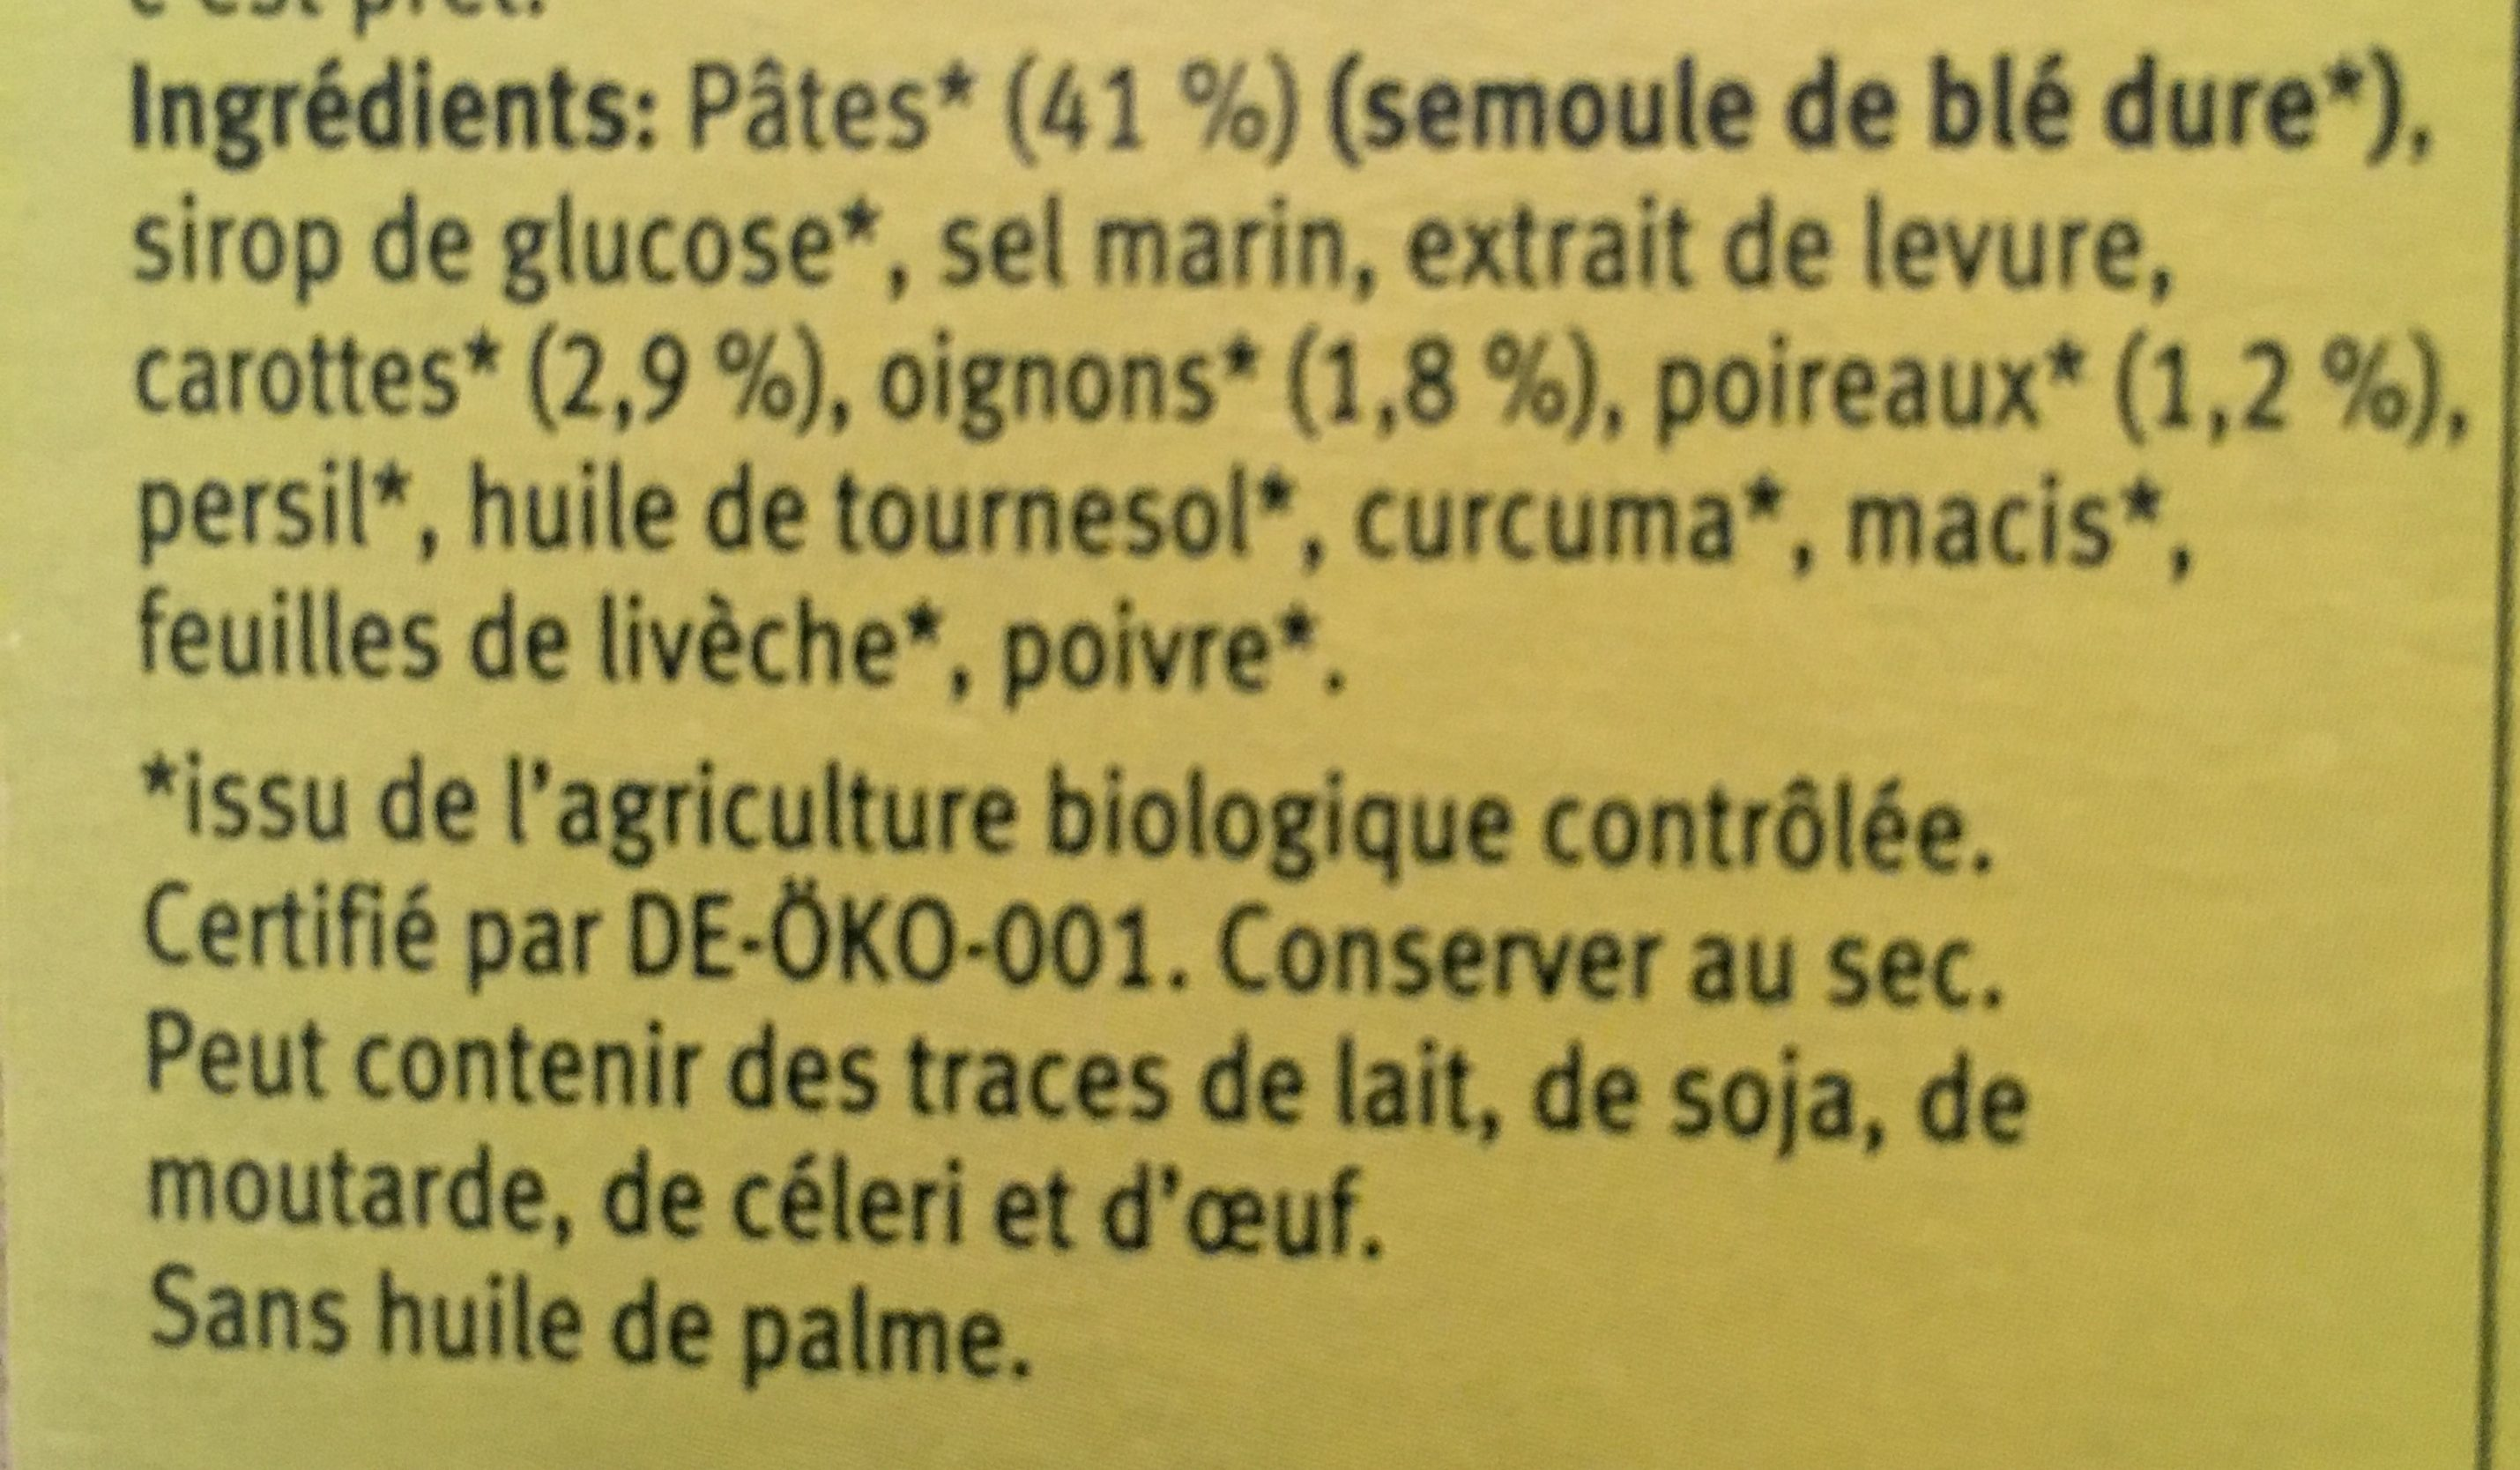 Soupe Instantanee Printemps 34G Demi L - Ingredientes - fr